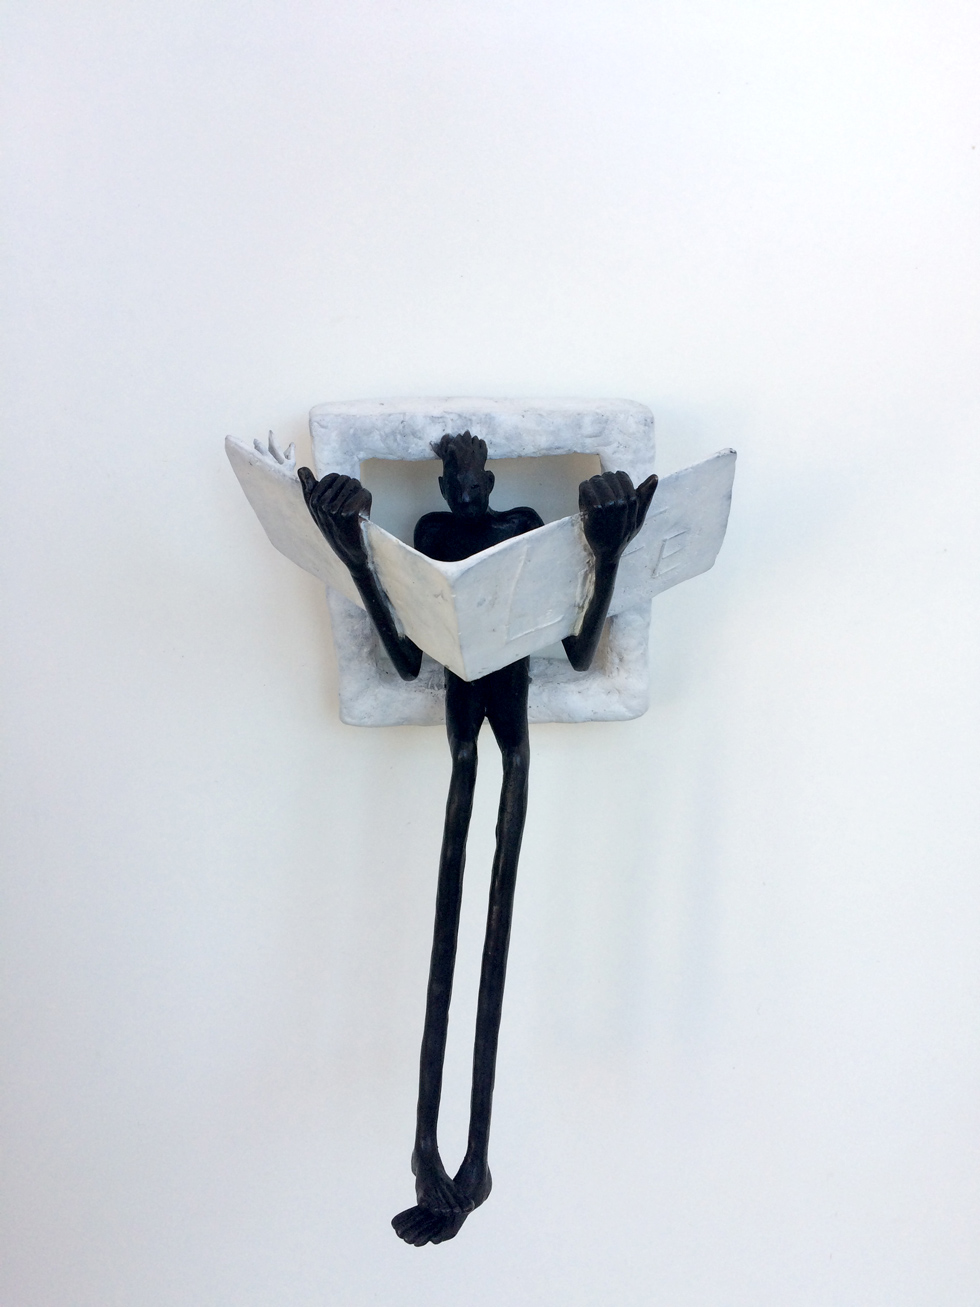 Libro-Inke-Zeegelaar-sculptures